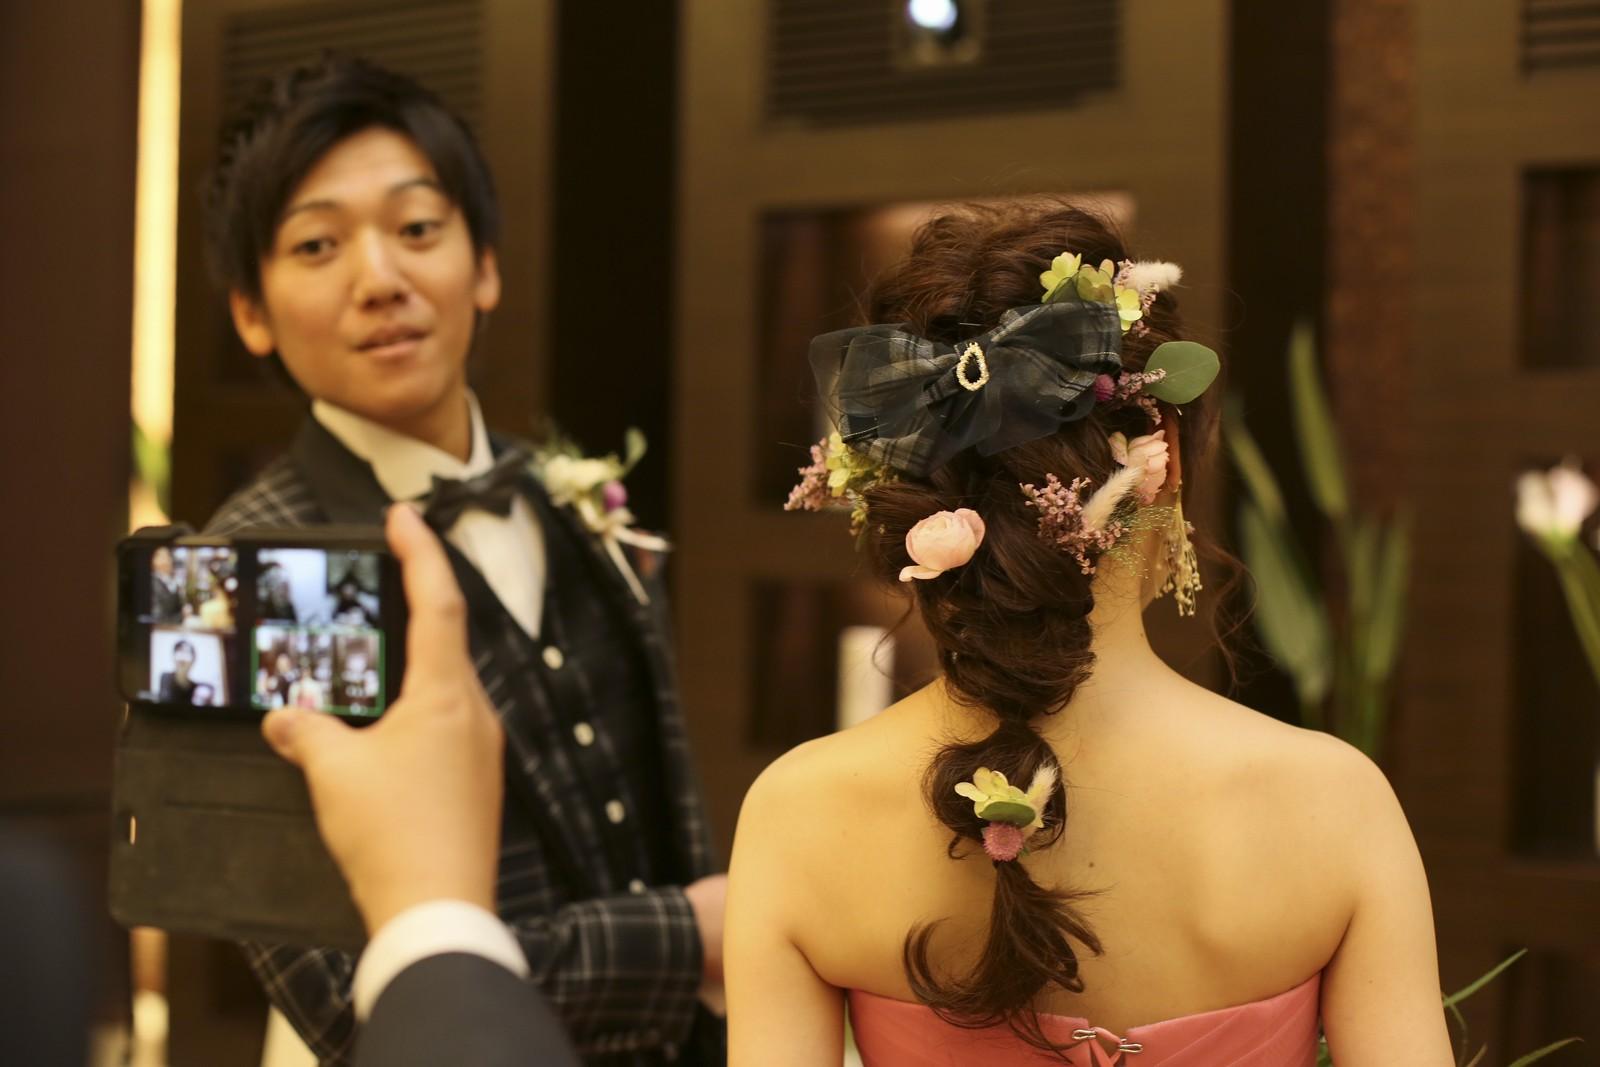 徳島県の結婚式場ブランアンジュでこだわり手作りヘアアクセサリーの写真をとるゲスト